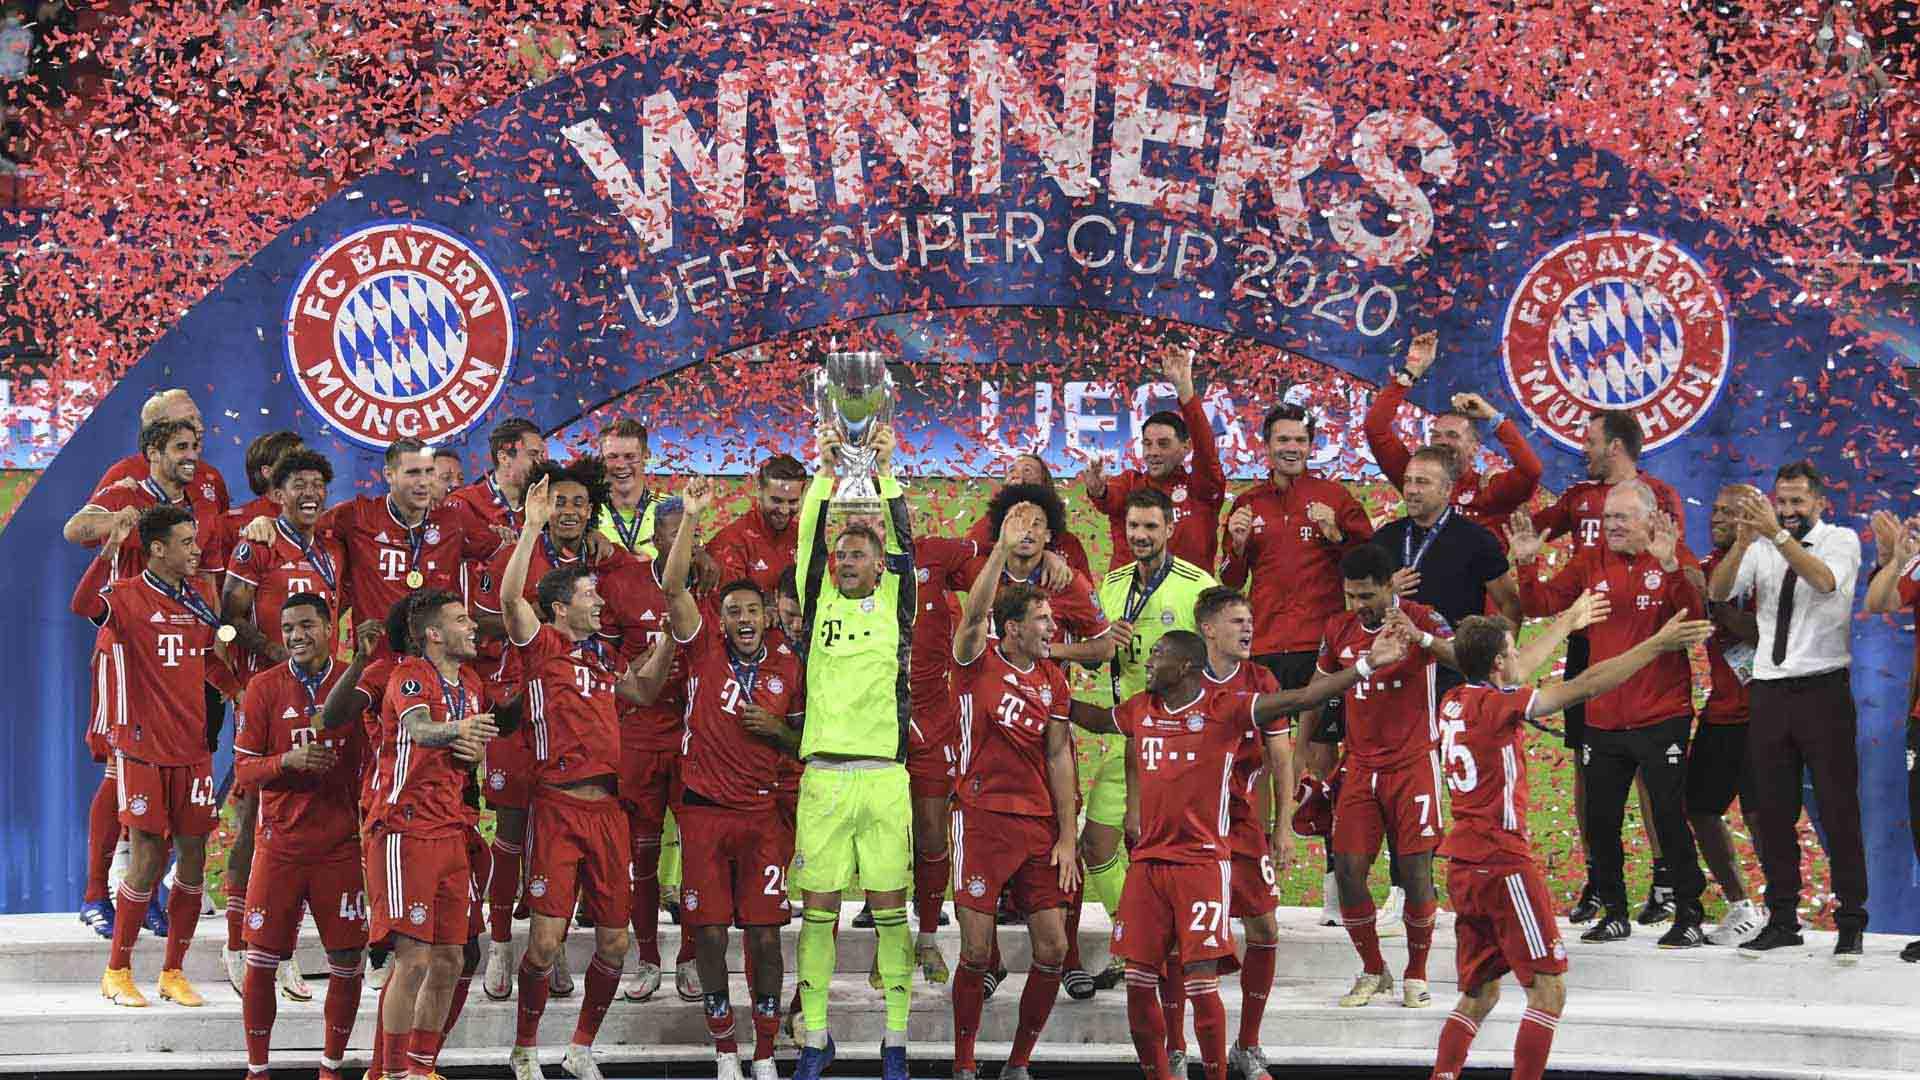 [해외축구] 뮌헨, UEFA 슈퍼컵 우승…세비야에 2-1 역전승